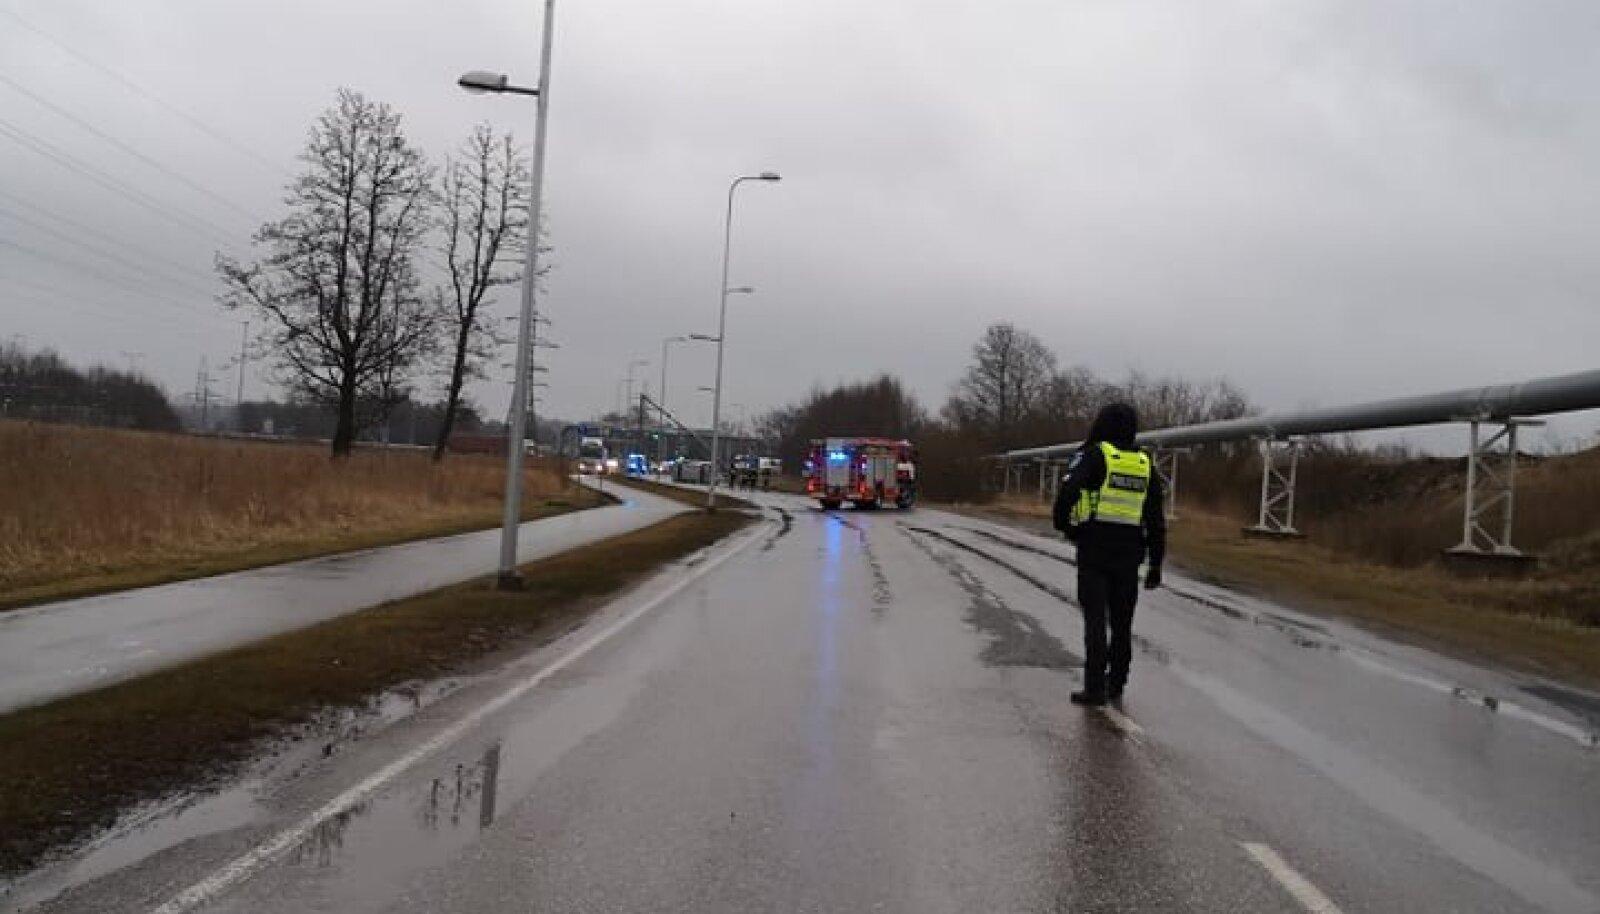 Liiklusõnnetus Maardu teel